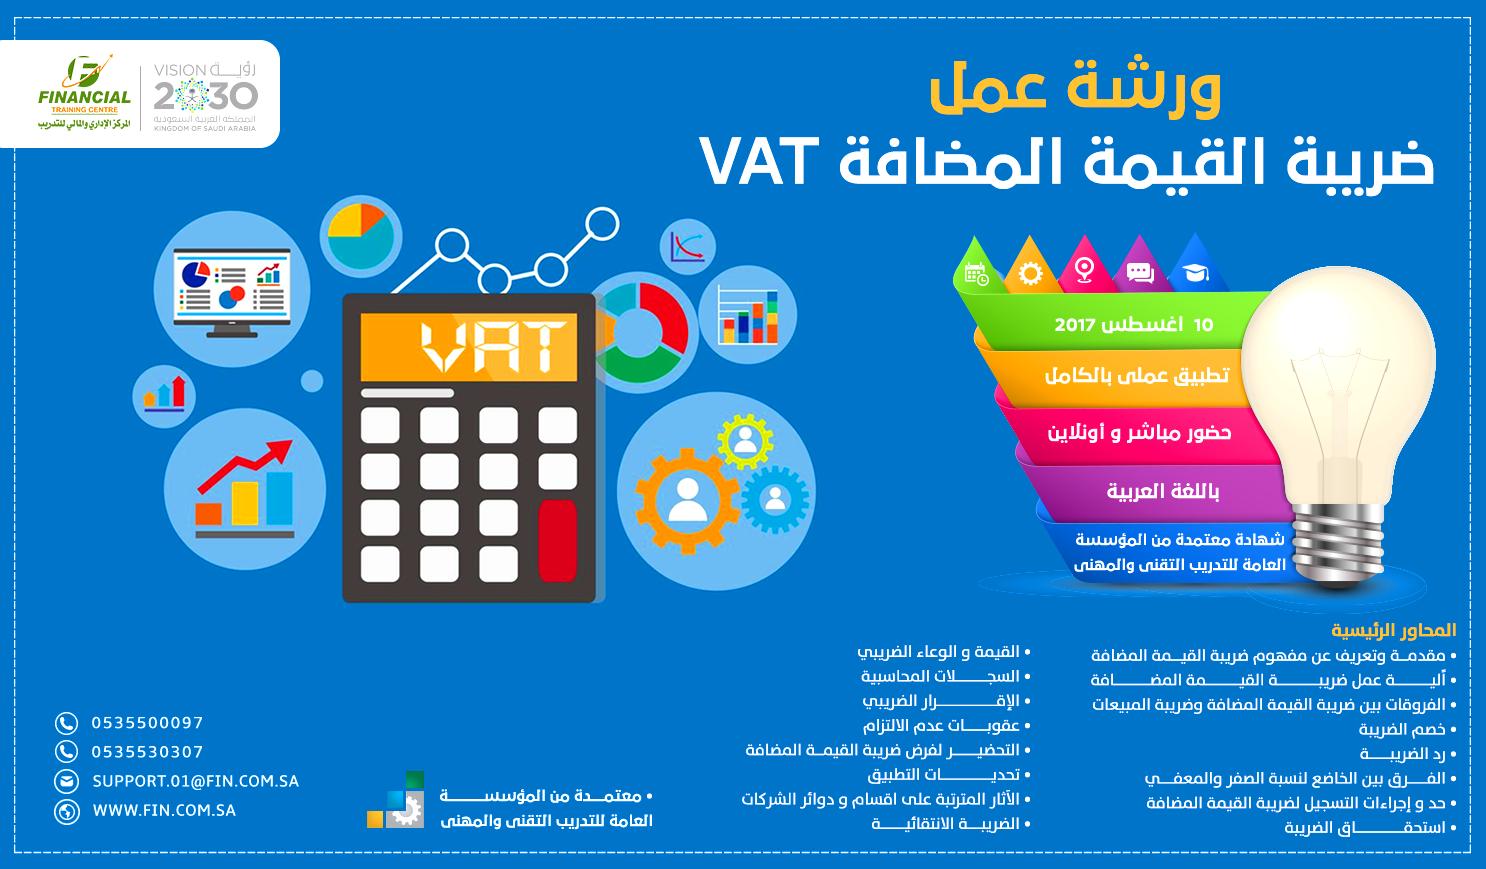 يس ر المركز الإداري والمالي للتدريب أن ي علن عن بدء التسجيل في ورشة عمل ضريبة القيمة المضافة Vat 10 Things Financial